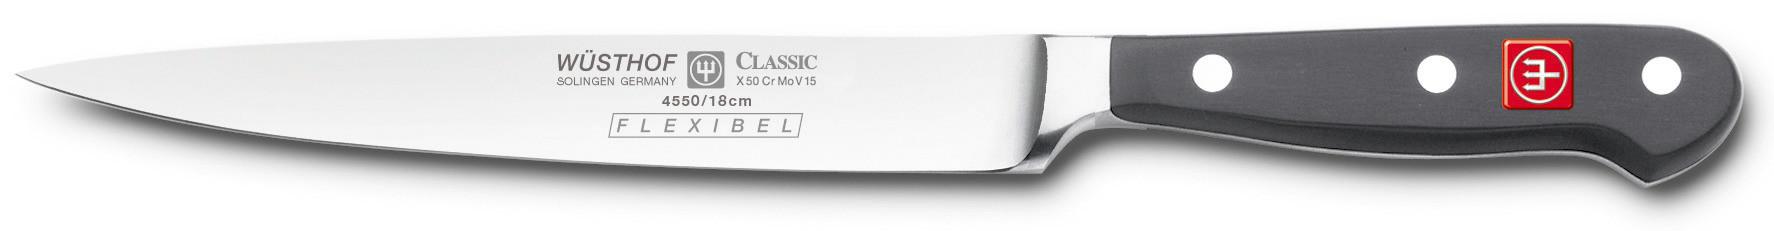 Classic, Filiermesser Klingenlänge 180 mm / 300 mm lang